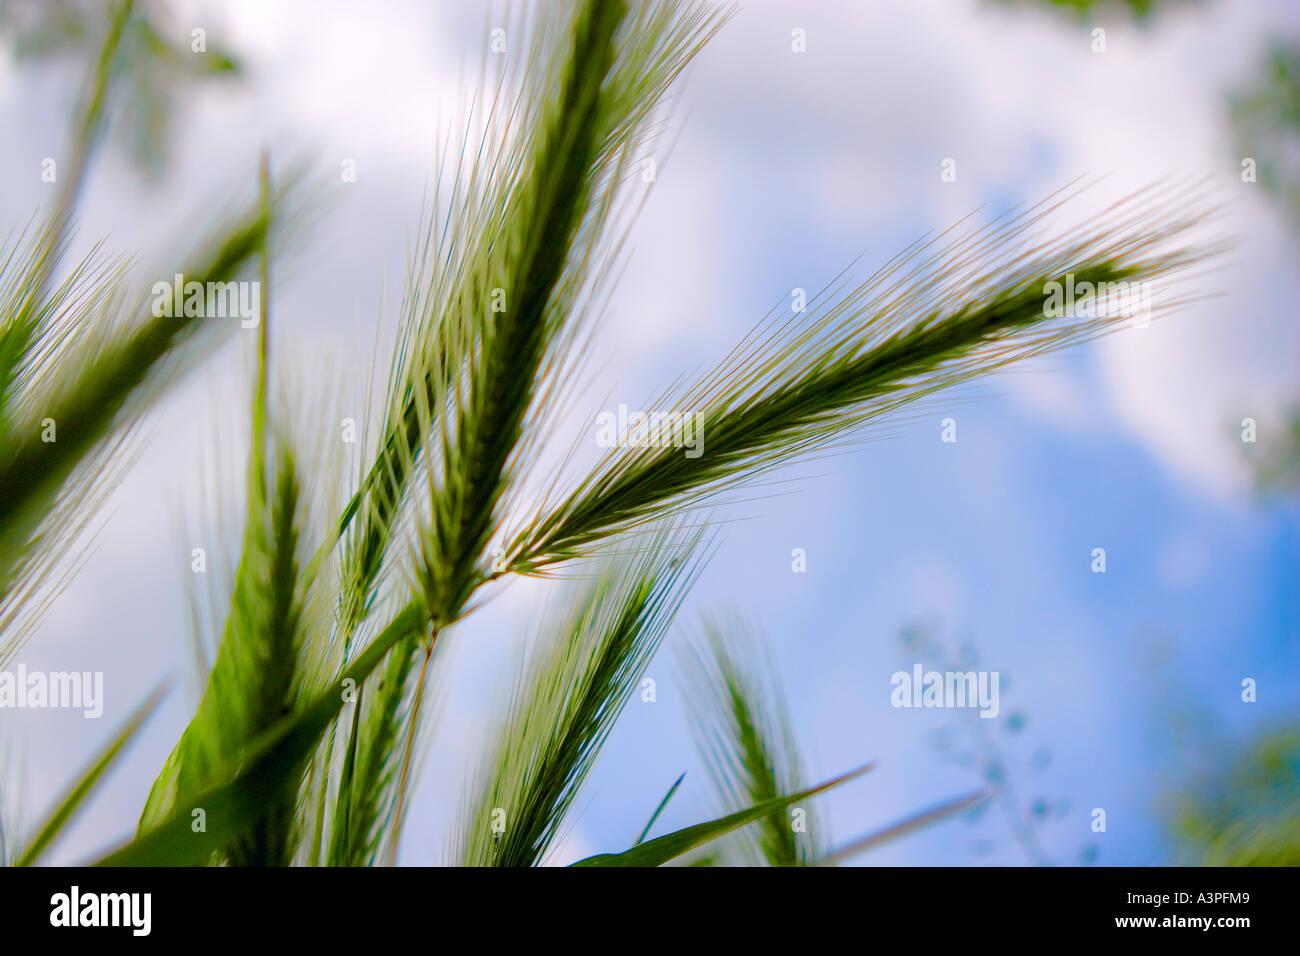 Weizen wächst in auffangene gegen blauen Himmel, Unterseite Ansicht, Nahaufnahme Stockbild